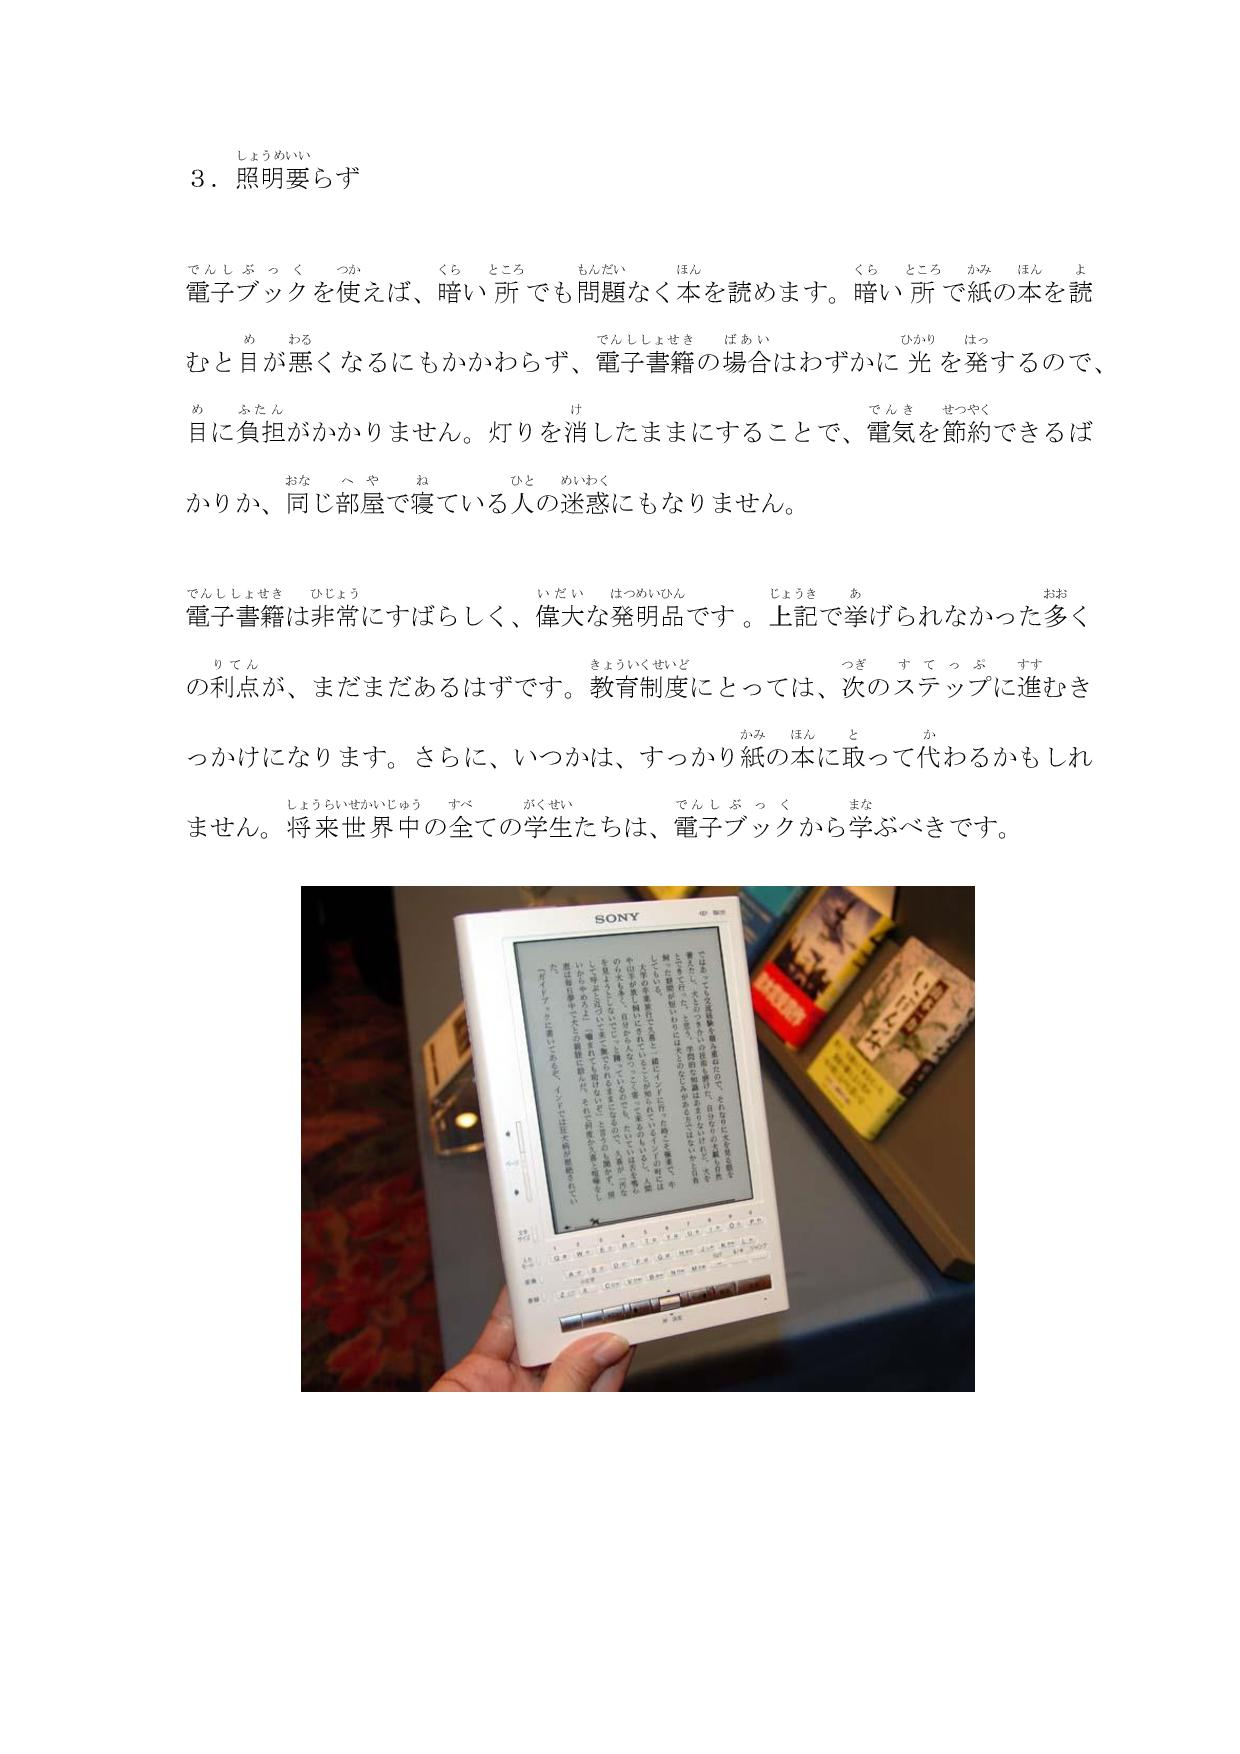 電子書籍か紙の本か-page-003